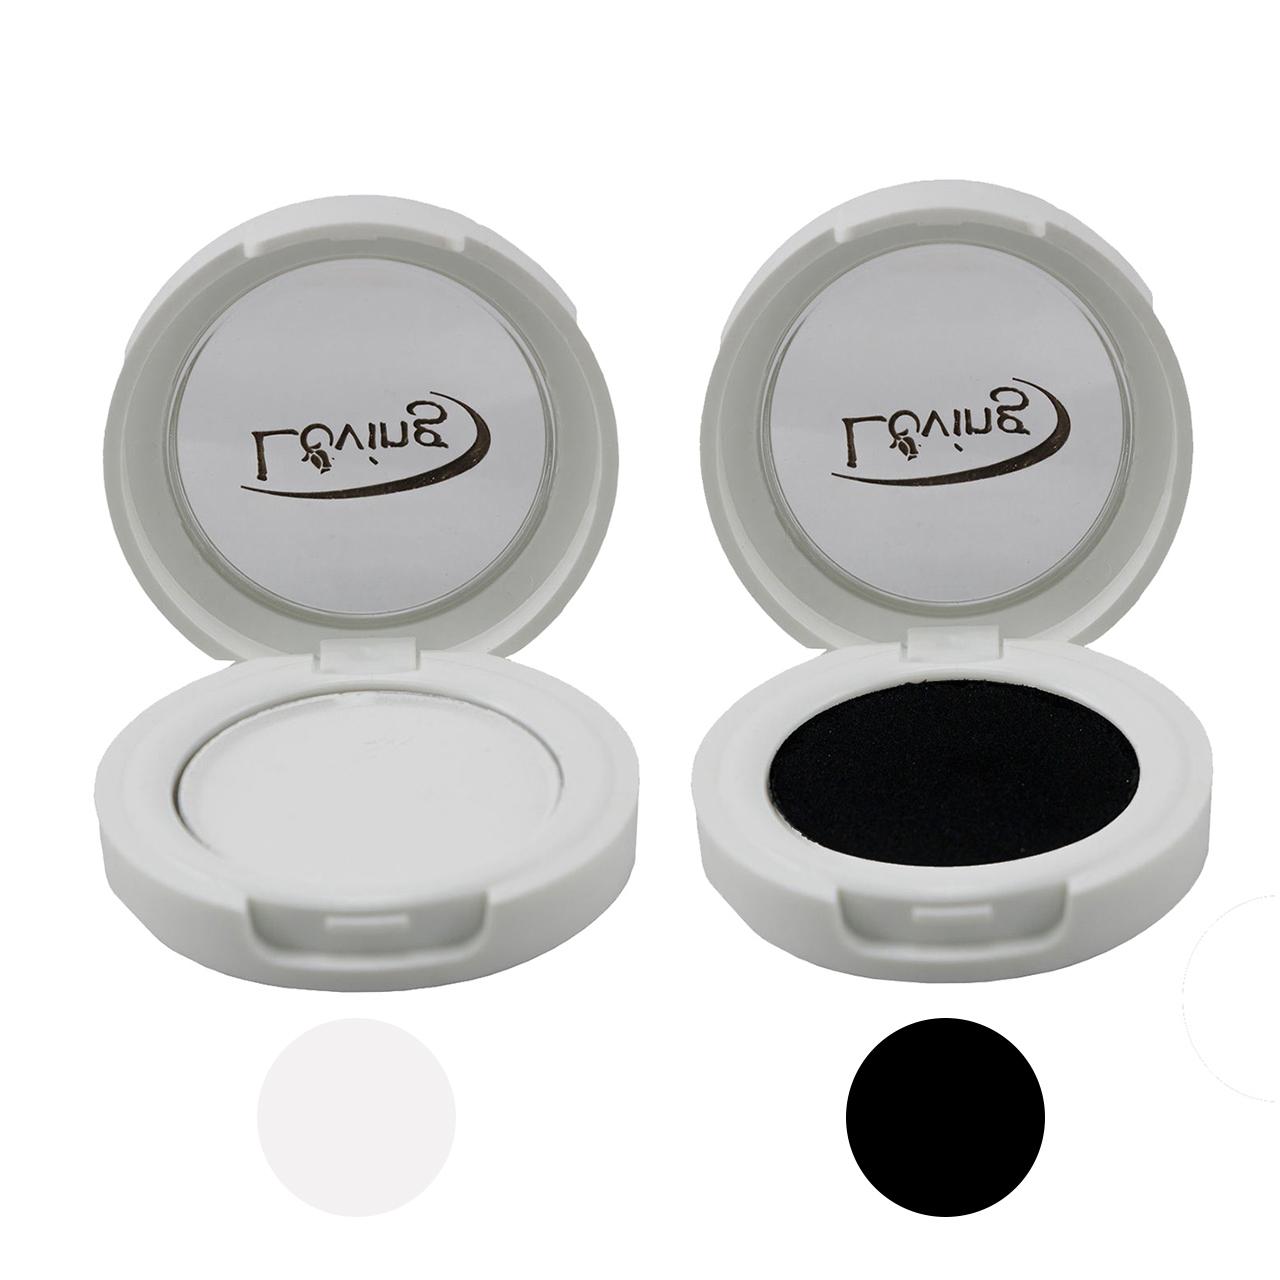 سایه چشم لاوینگ مدل LOV شماره V14 مجموعه 2 عددی